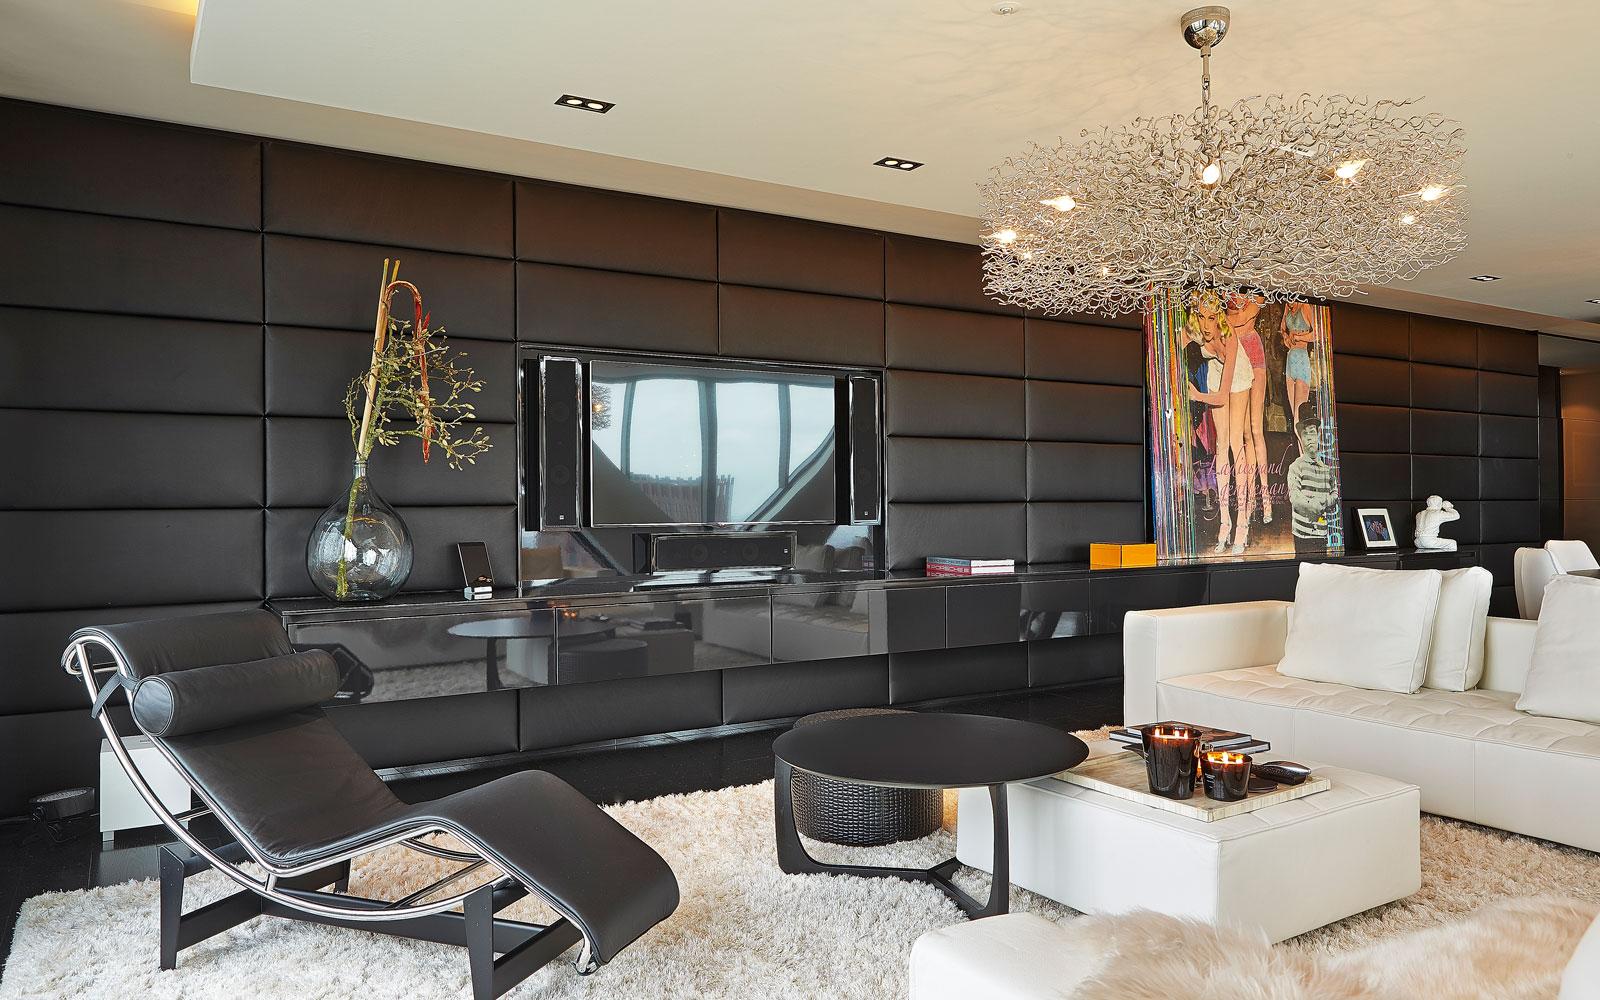 The Art of Living, Exclusief wonen, Penthouse Roelfien Vos, RMR Interieur, Luijben Totaal, televisie, woonkamer, luxe meubelen, comfort, schilderij, vloerkleed, wit, zwart